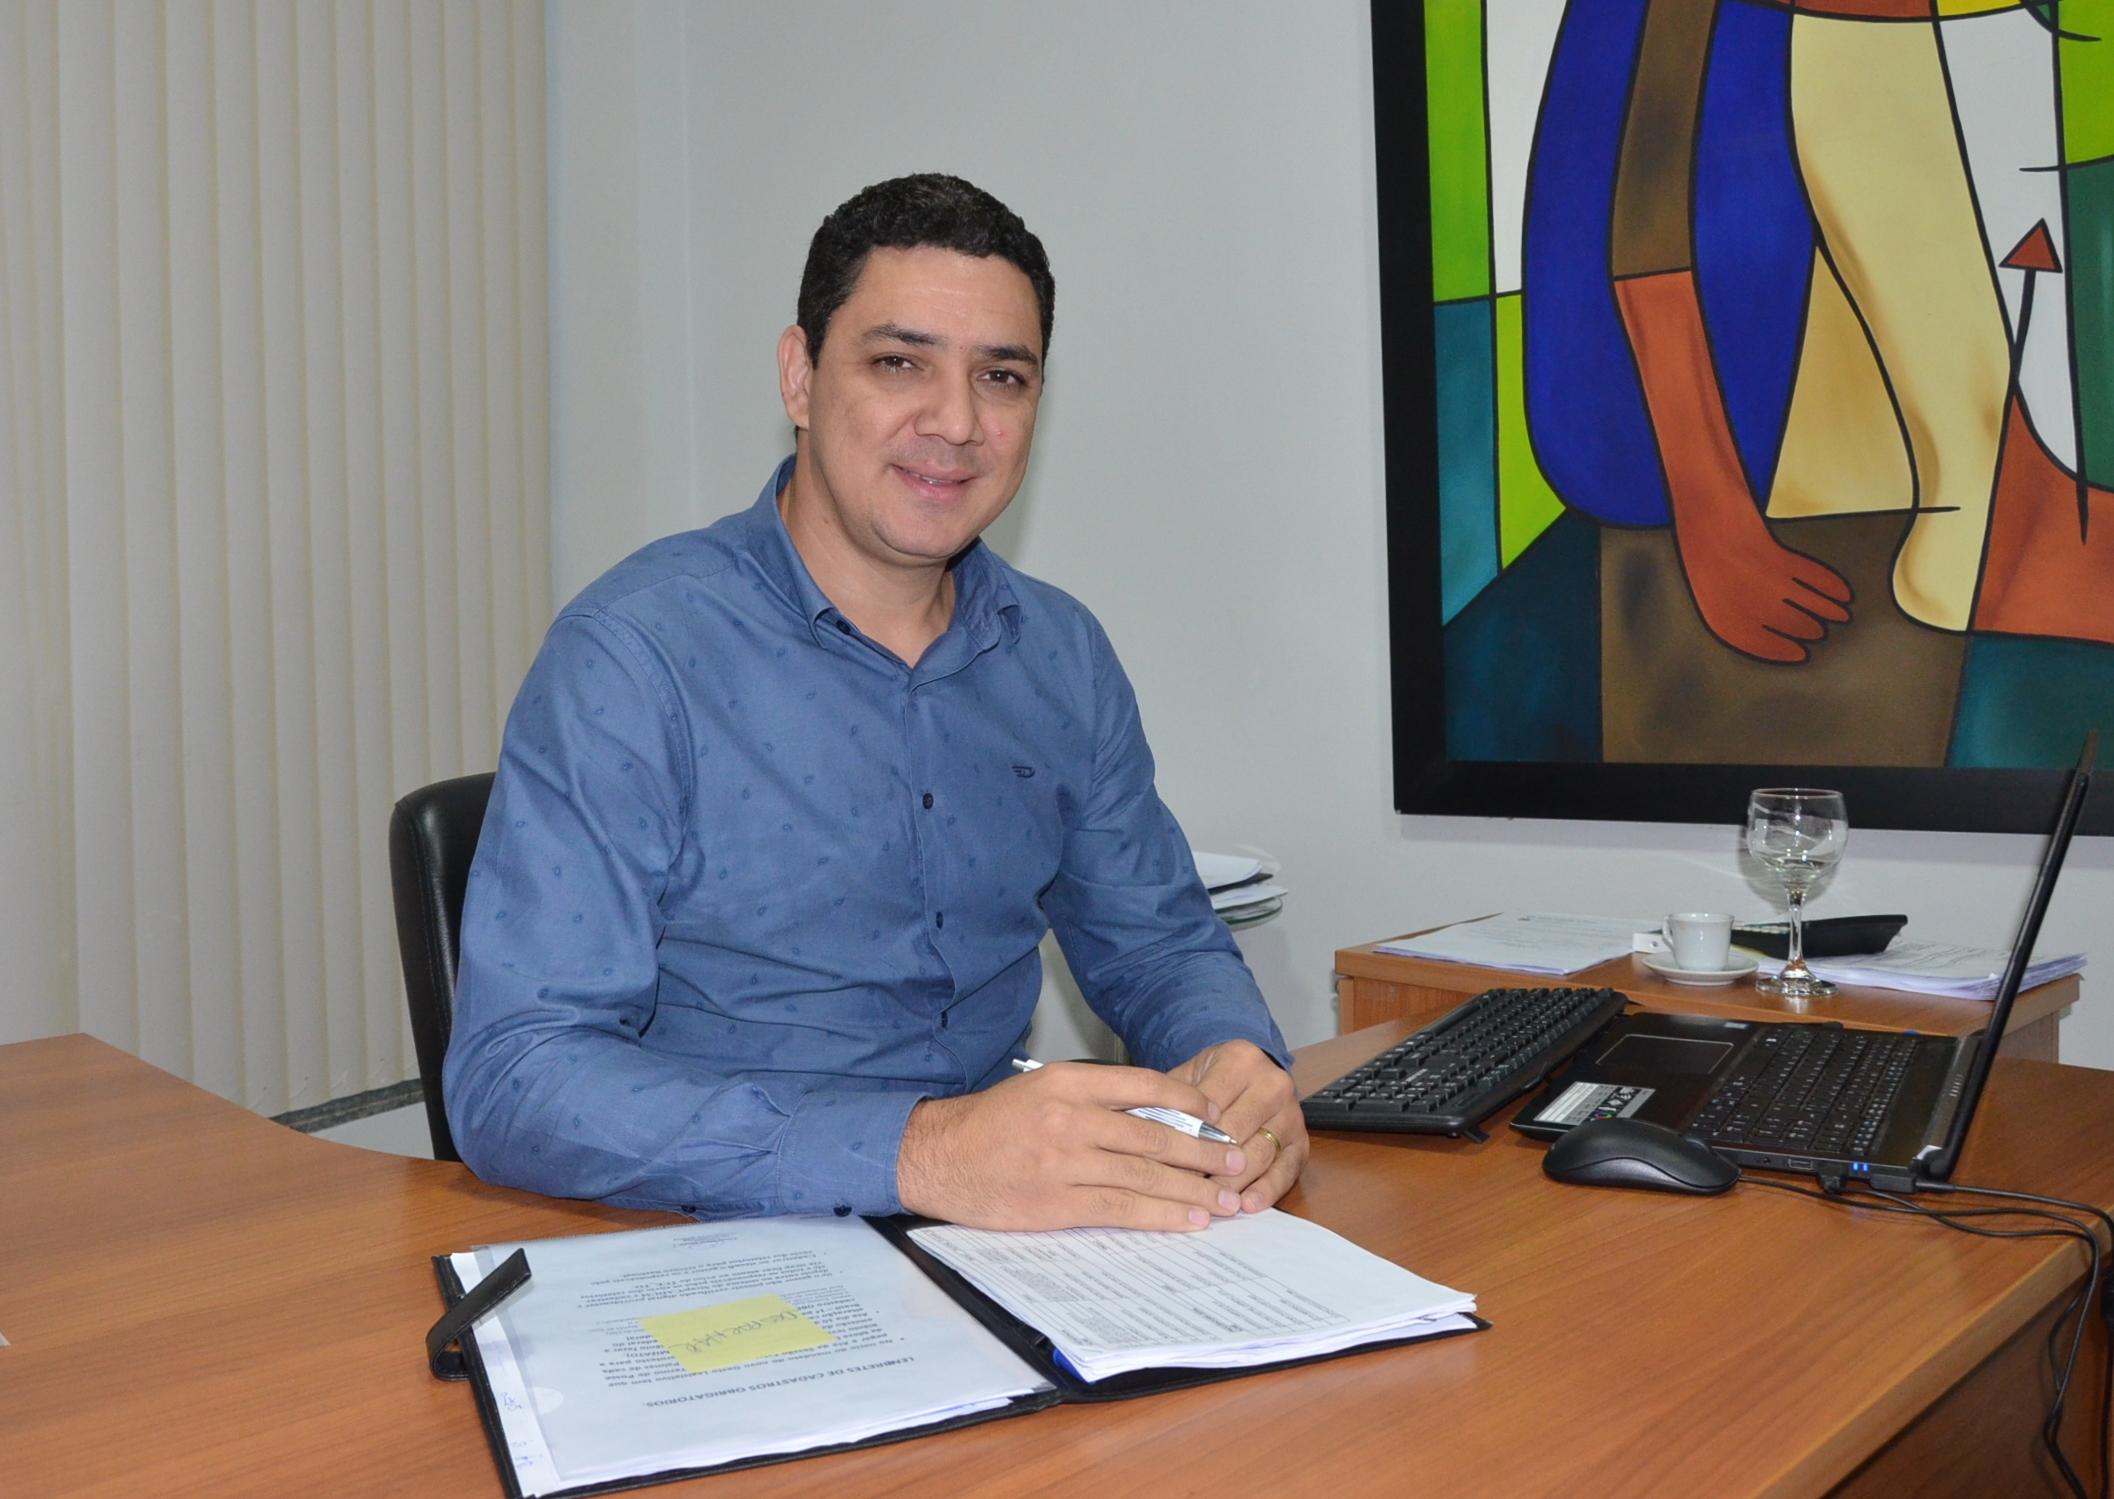 Aprovados no concurso da Câmara Municipal de Palmas começam a tomar posse